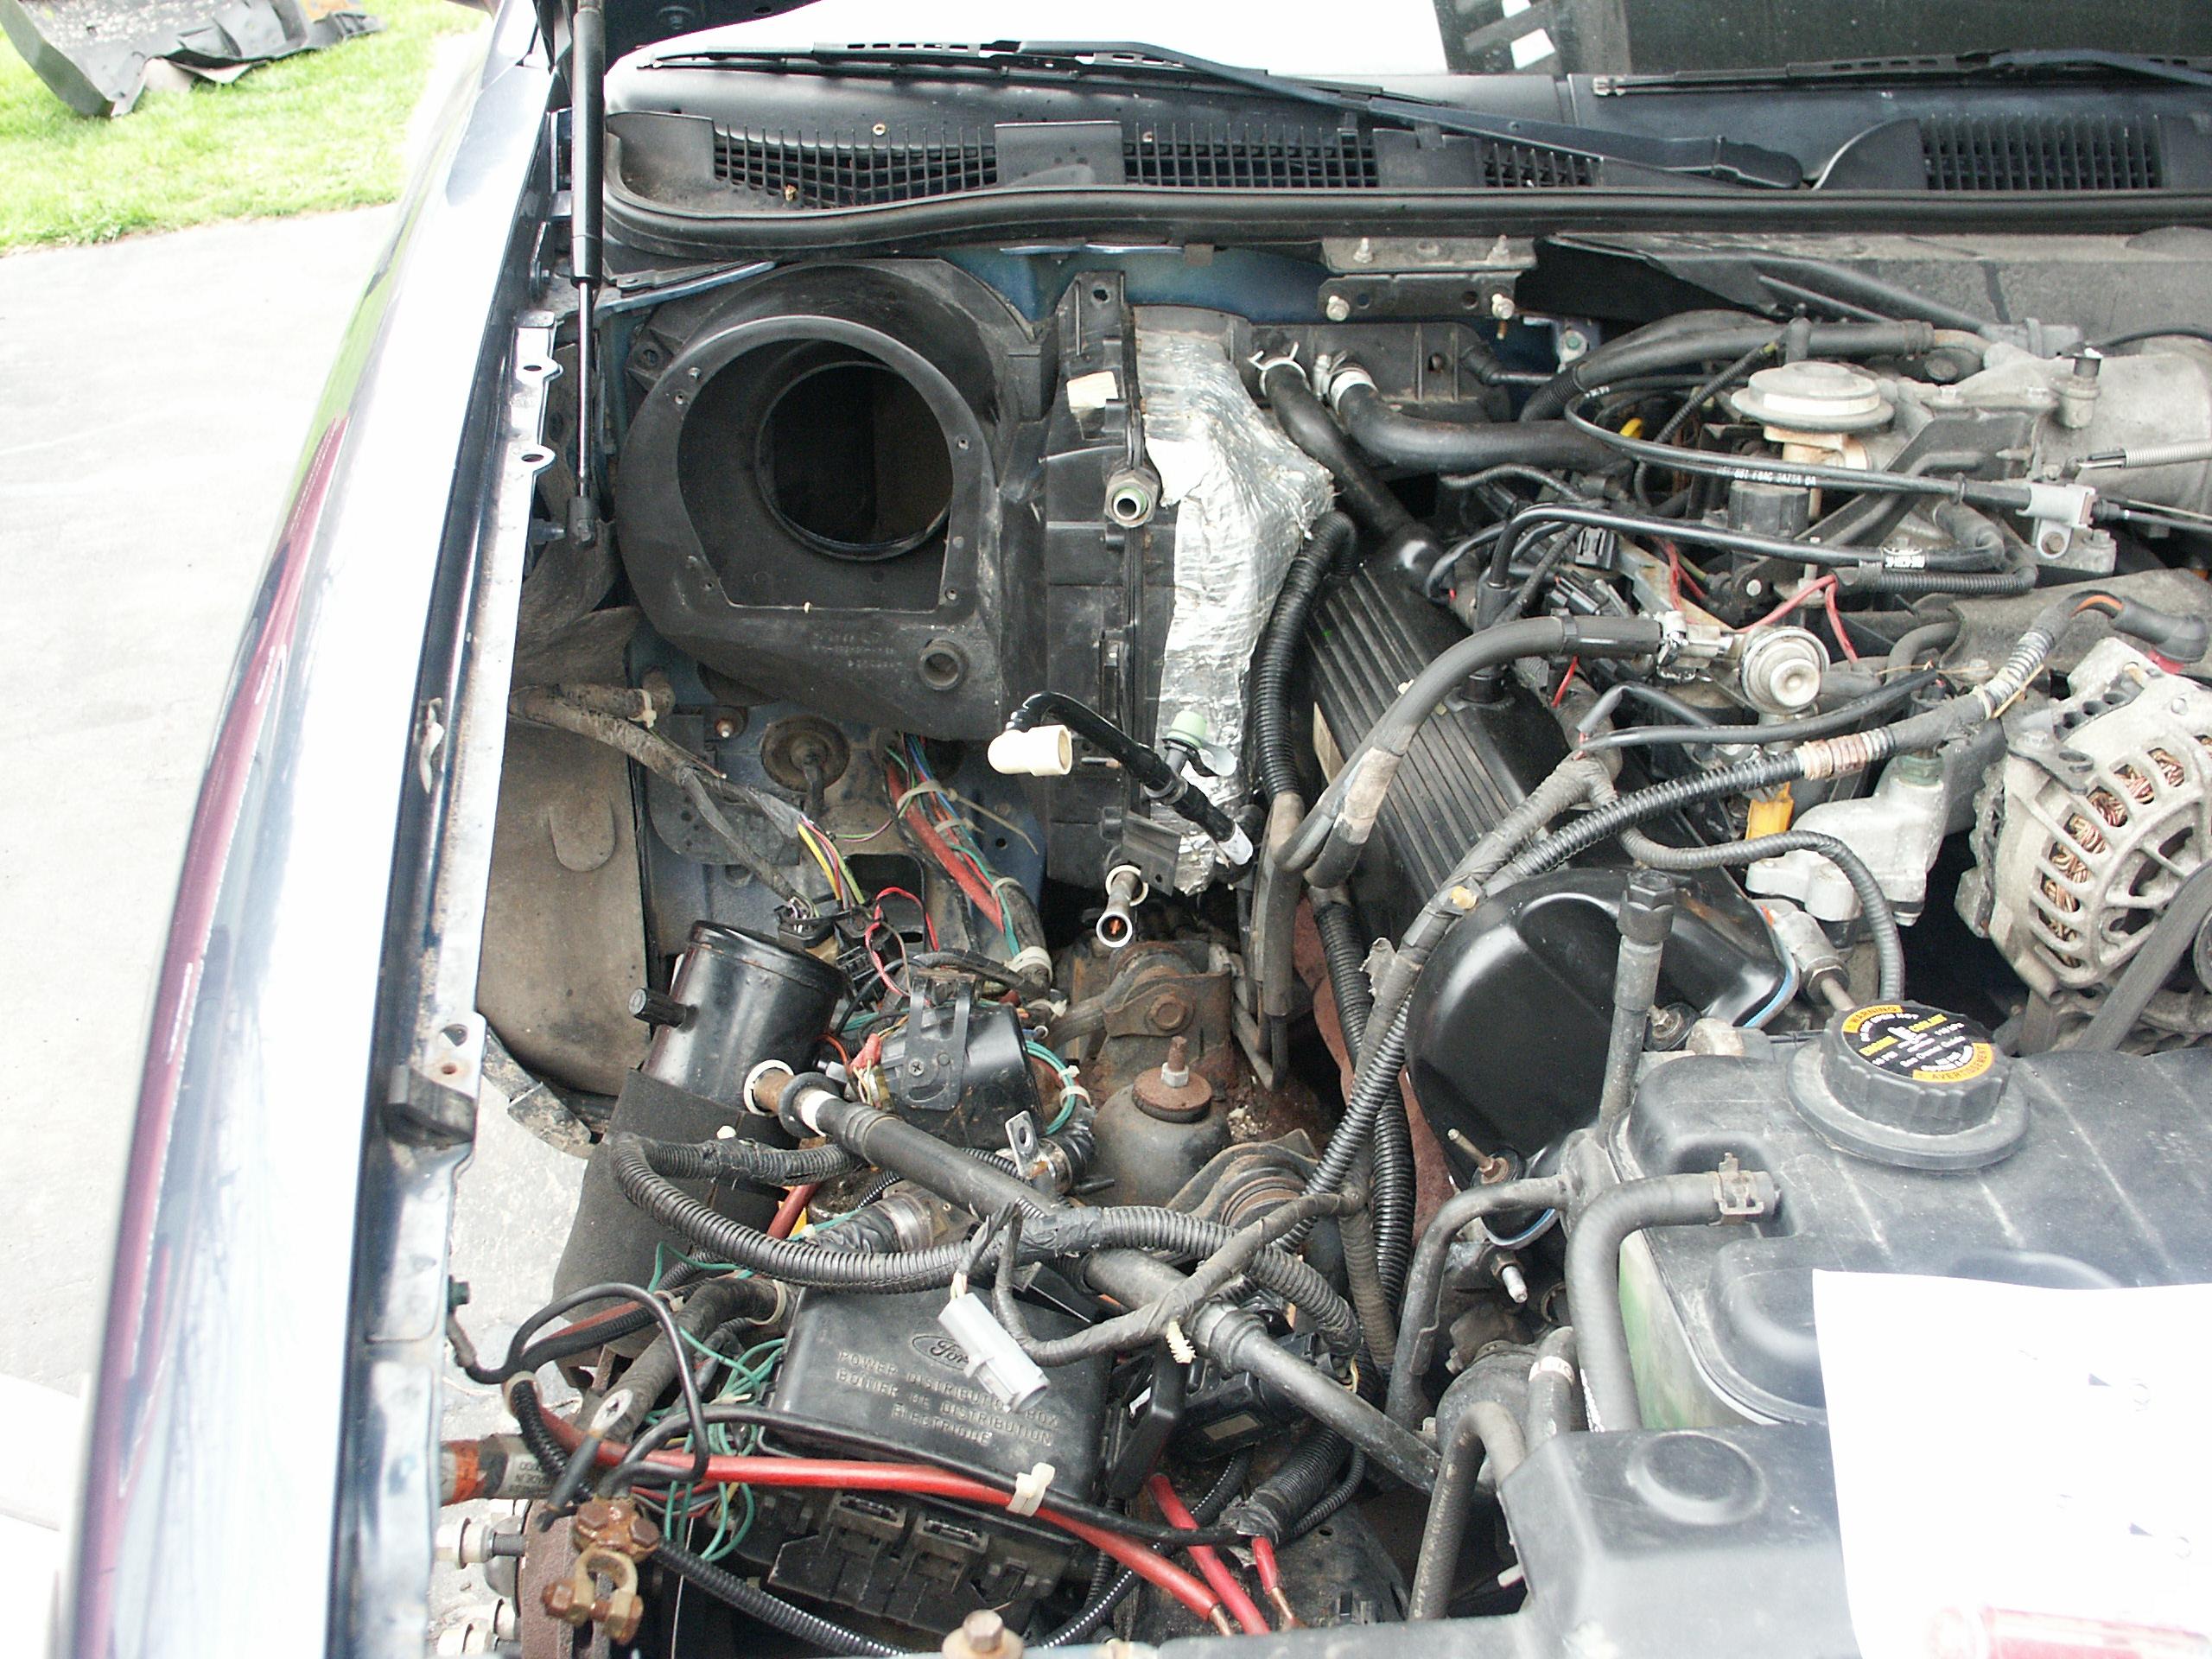 1993 Ford Evaporator Removal